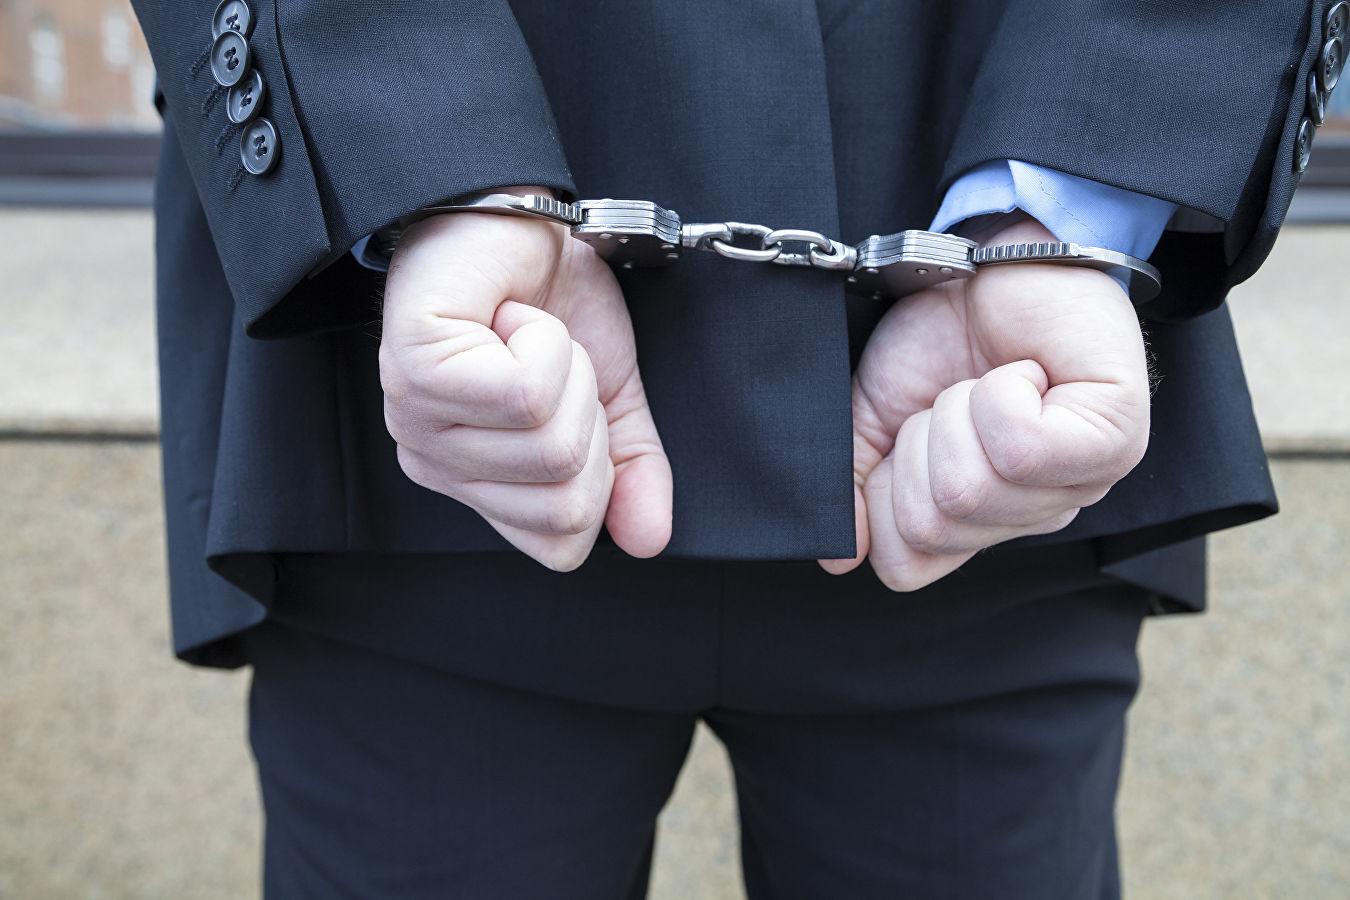 В Брянской области задержан депутат райсовета по подозрению в педофилии